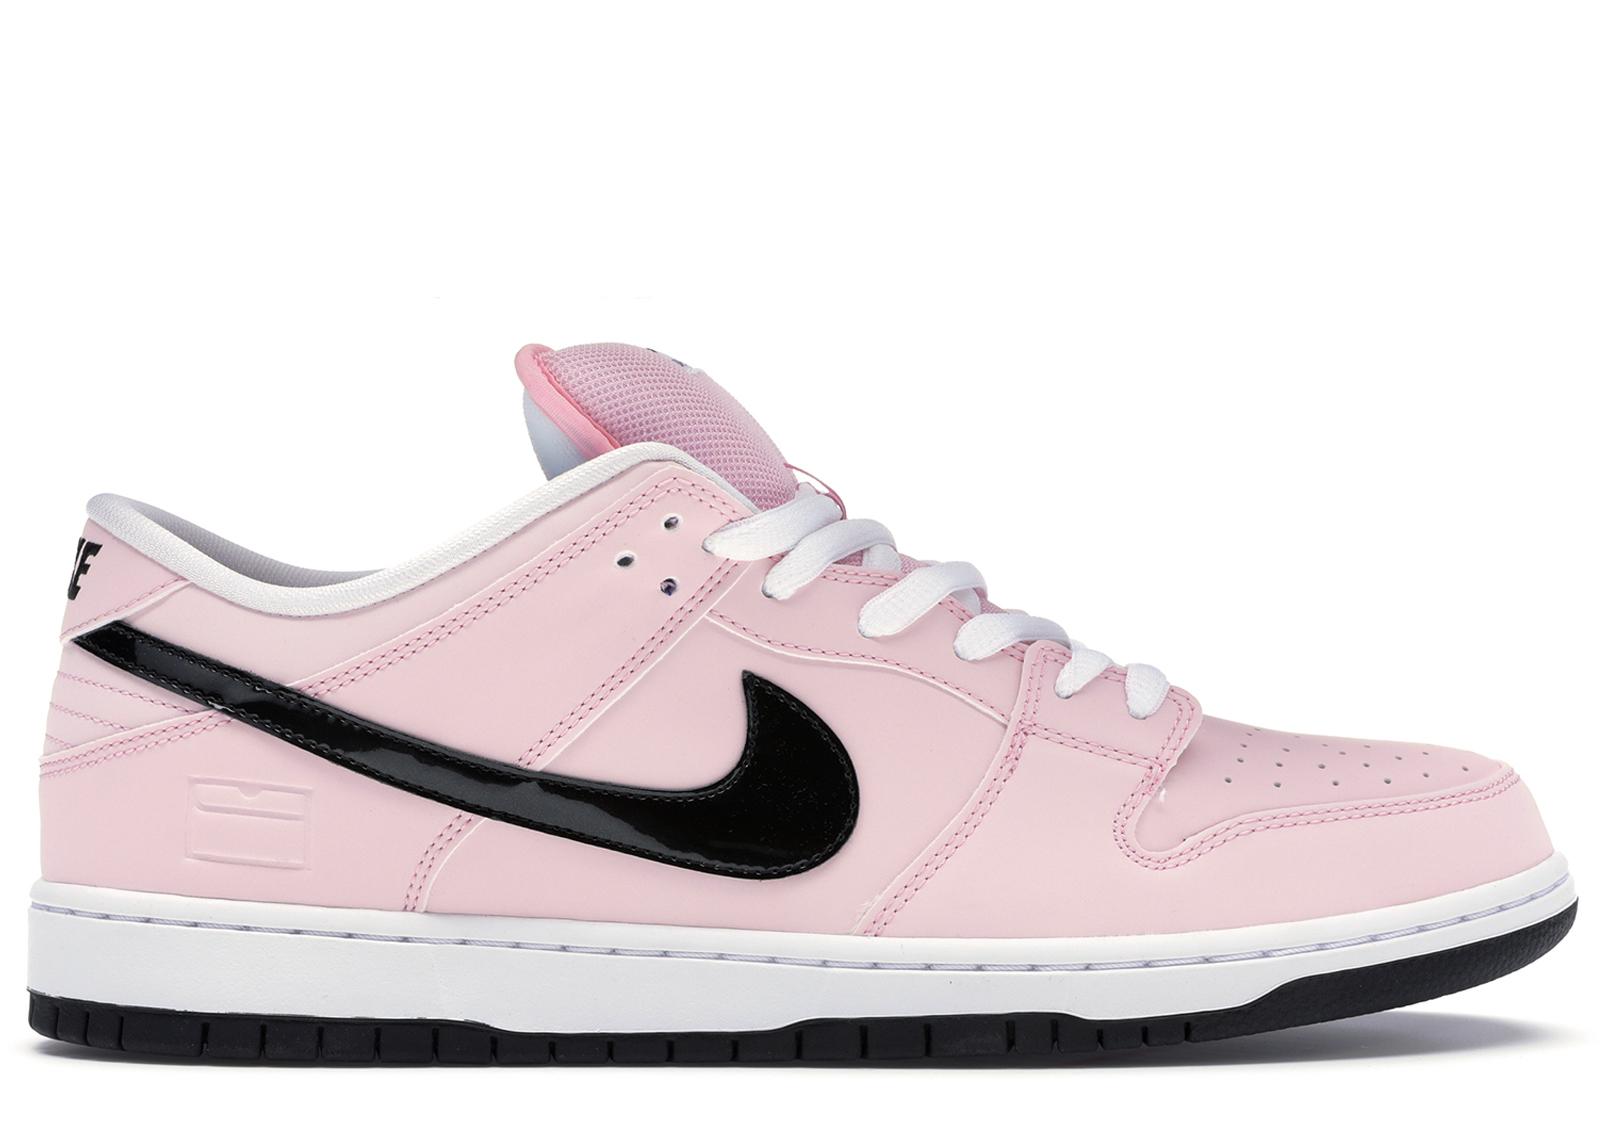 Nike Dunk SB Low Pink Box - 833474-601